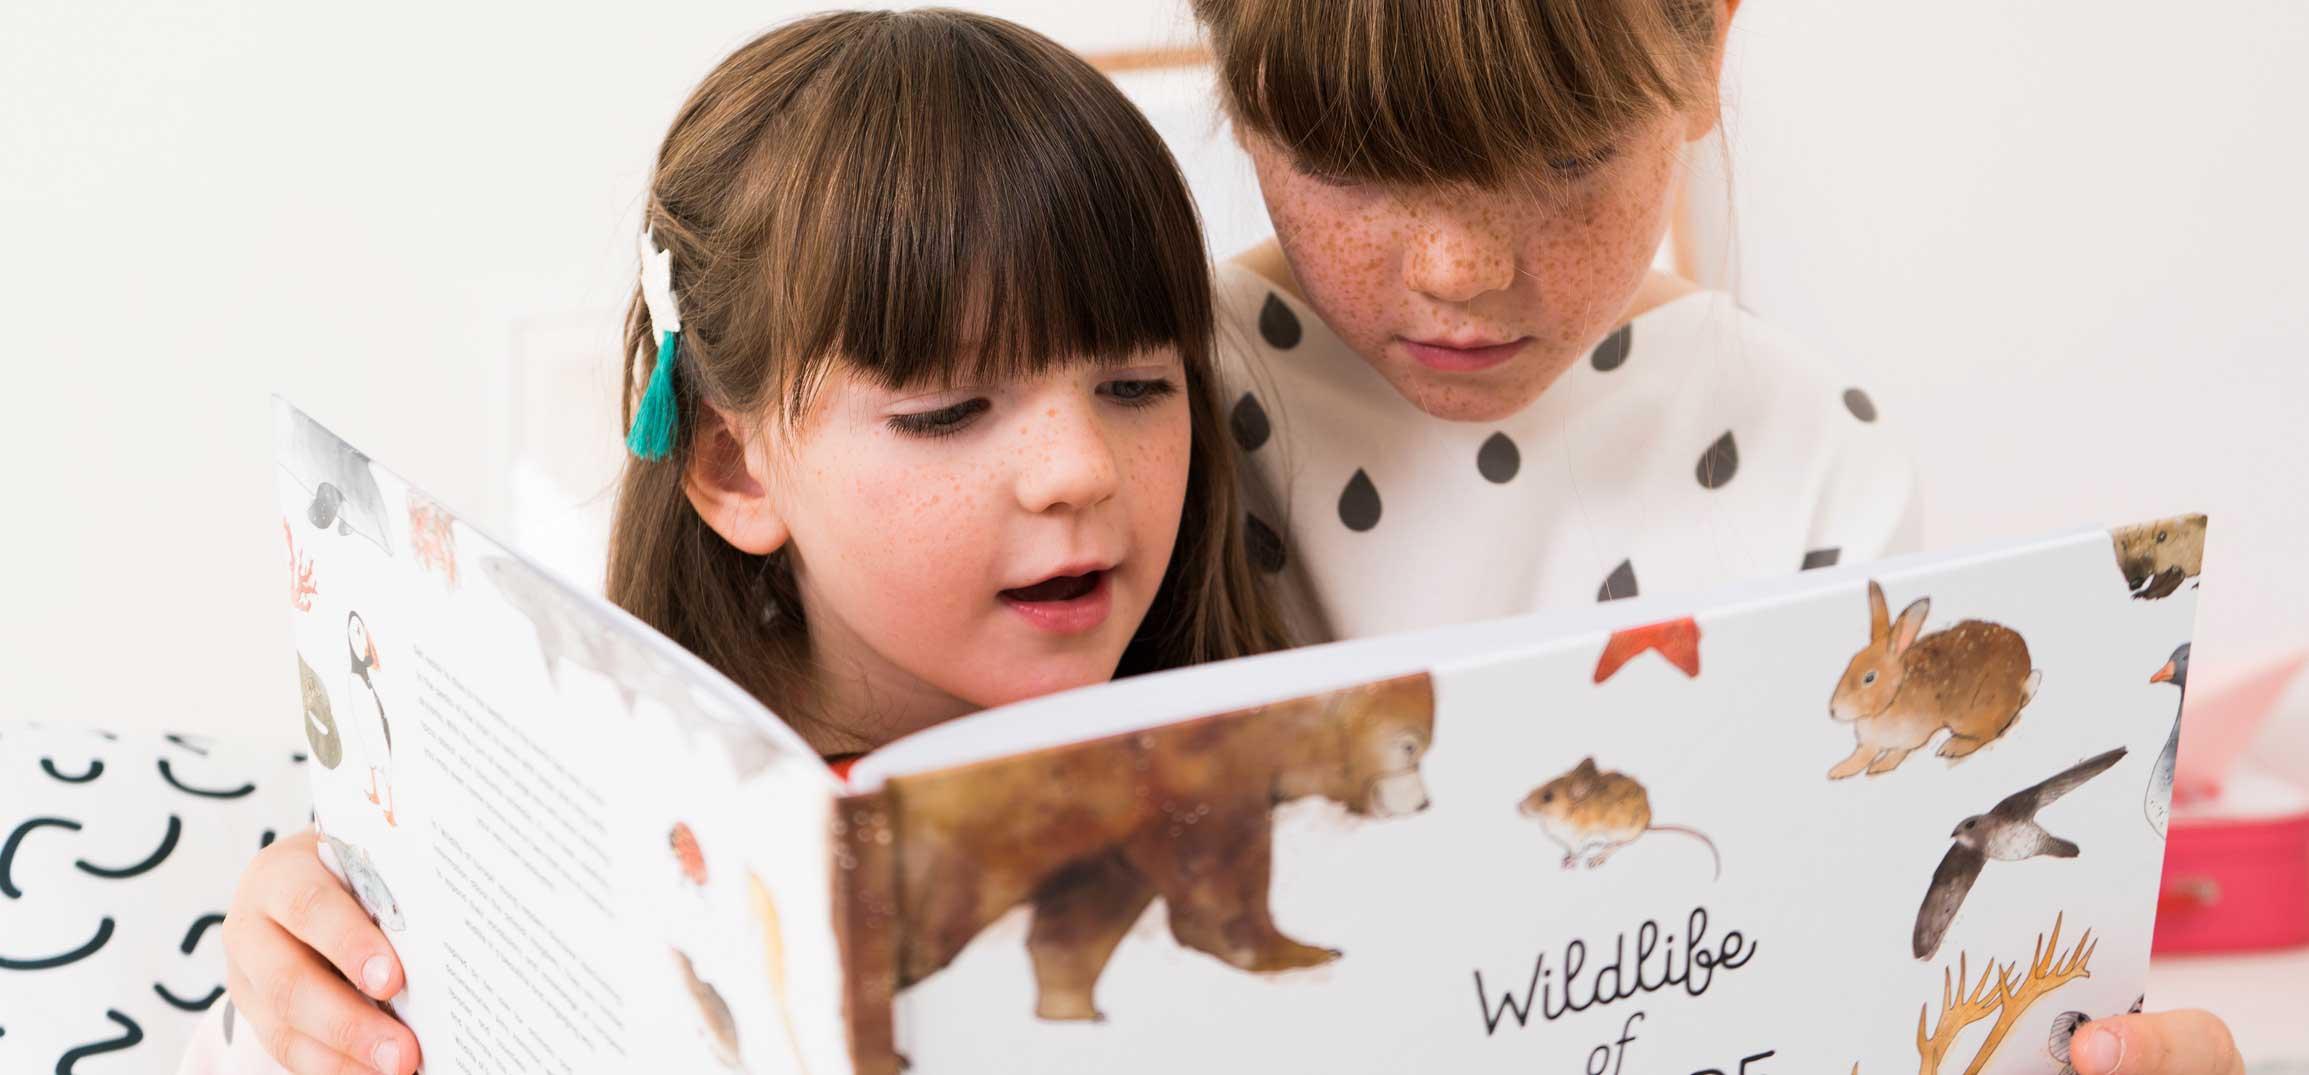 Zwei Mädchen lesen ein JUNIQE-Kinderbuch mit Tier-Illustrationen